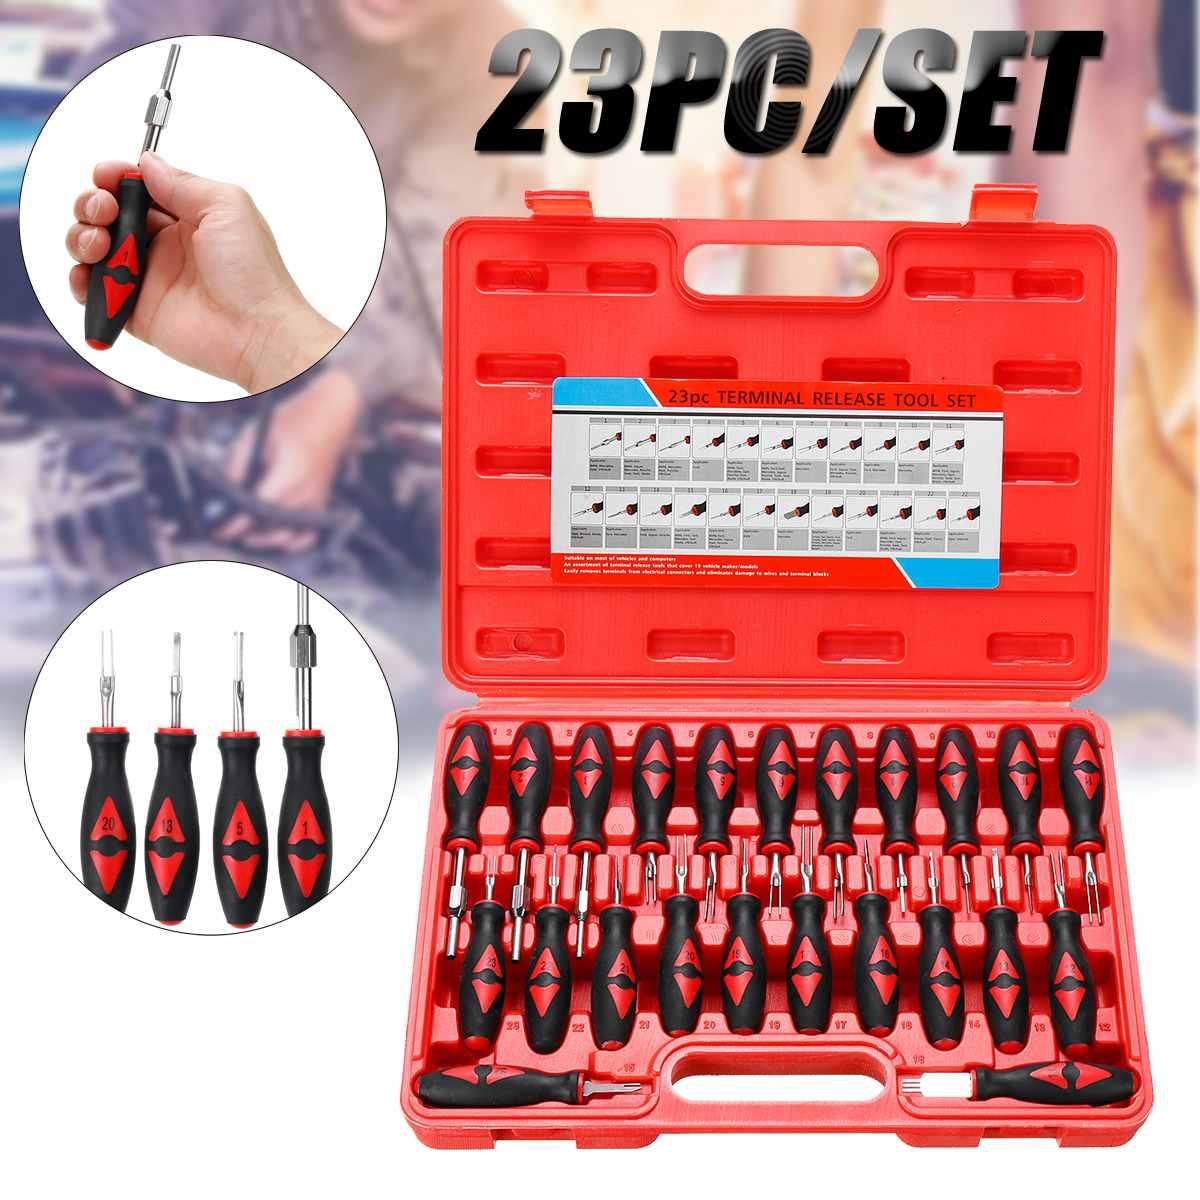 23 pièces trousse à outils universelle de retrait de déverrouillage de Terminal automobile Kit d'extracteur de broche de connecteur à sertir de câblage électrique de voiture